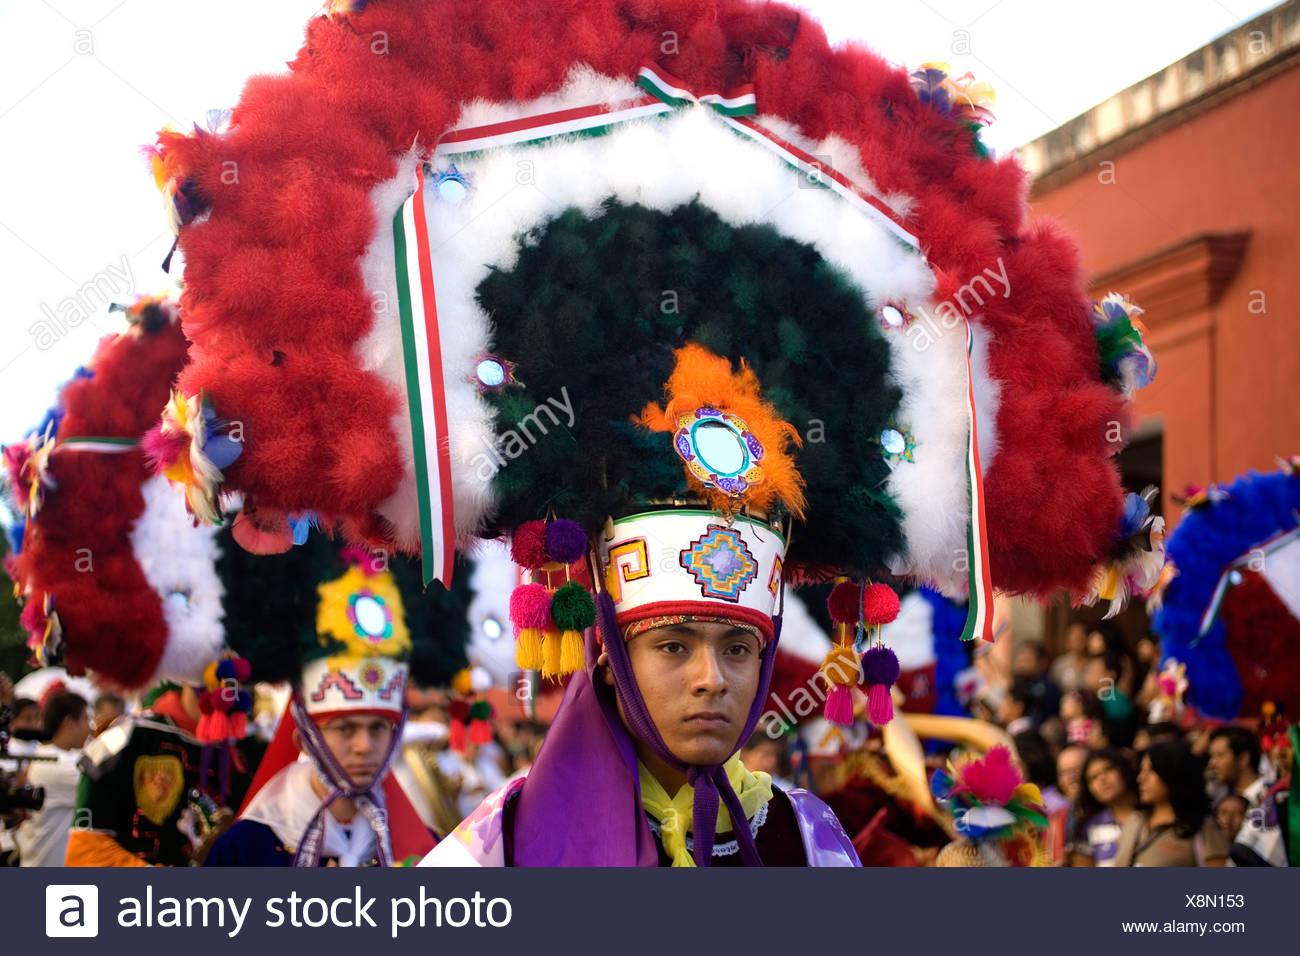 Un bailarín realiza la danza de la pluma o la Danza de la pluma durante el desfile de la Guelaguetza en Oaxaca, México. Imagen De Stock